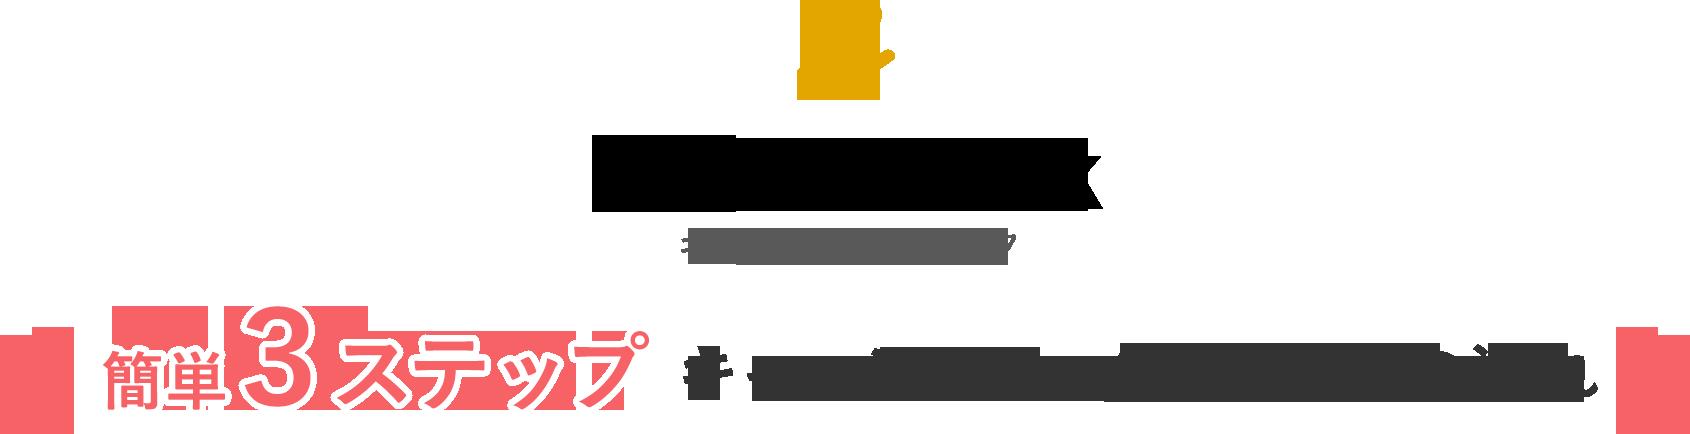 キャッシュバック 簡単3ステップ GYMEから入会で現金キャッシュバック!